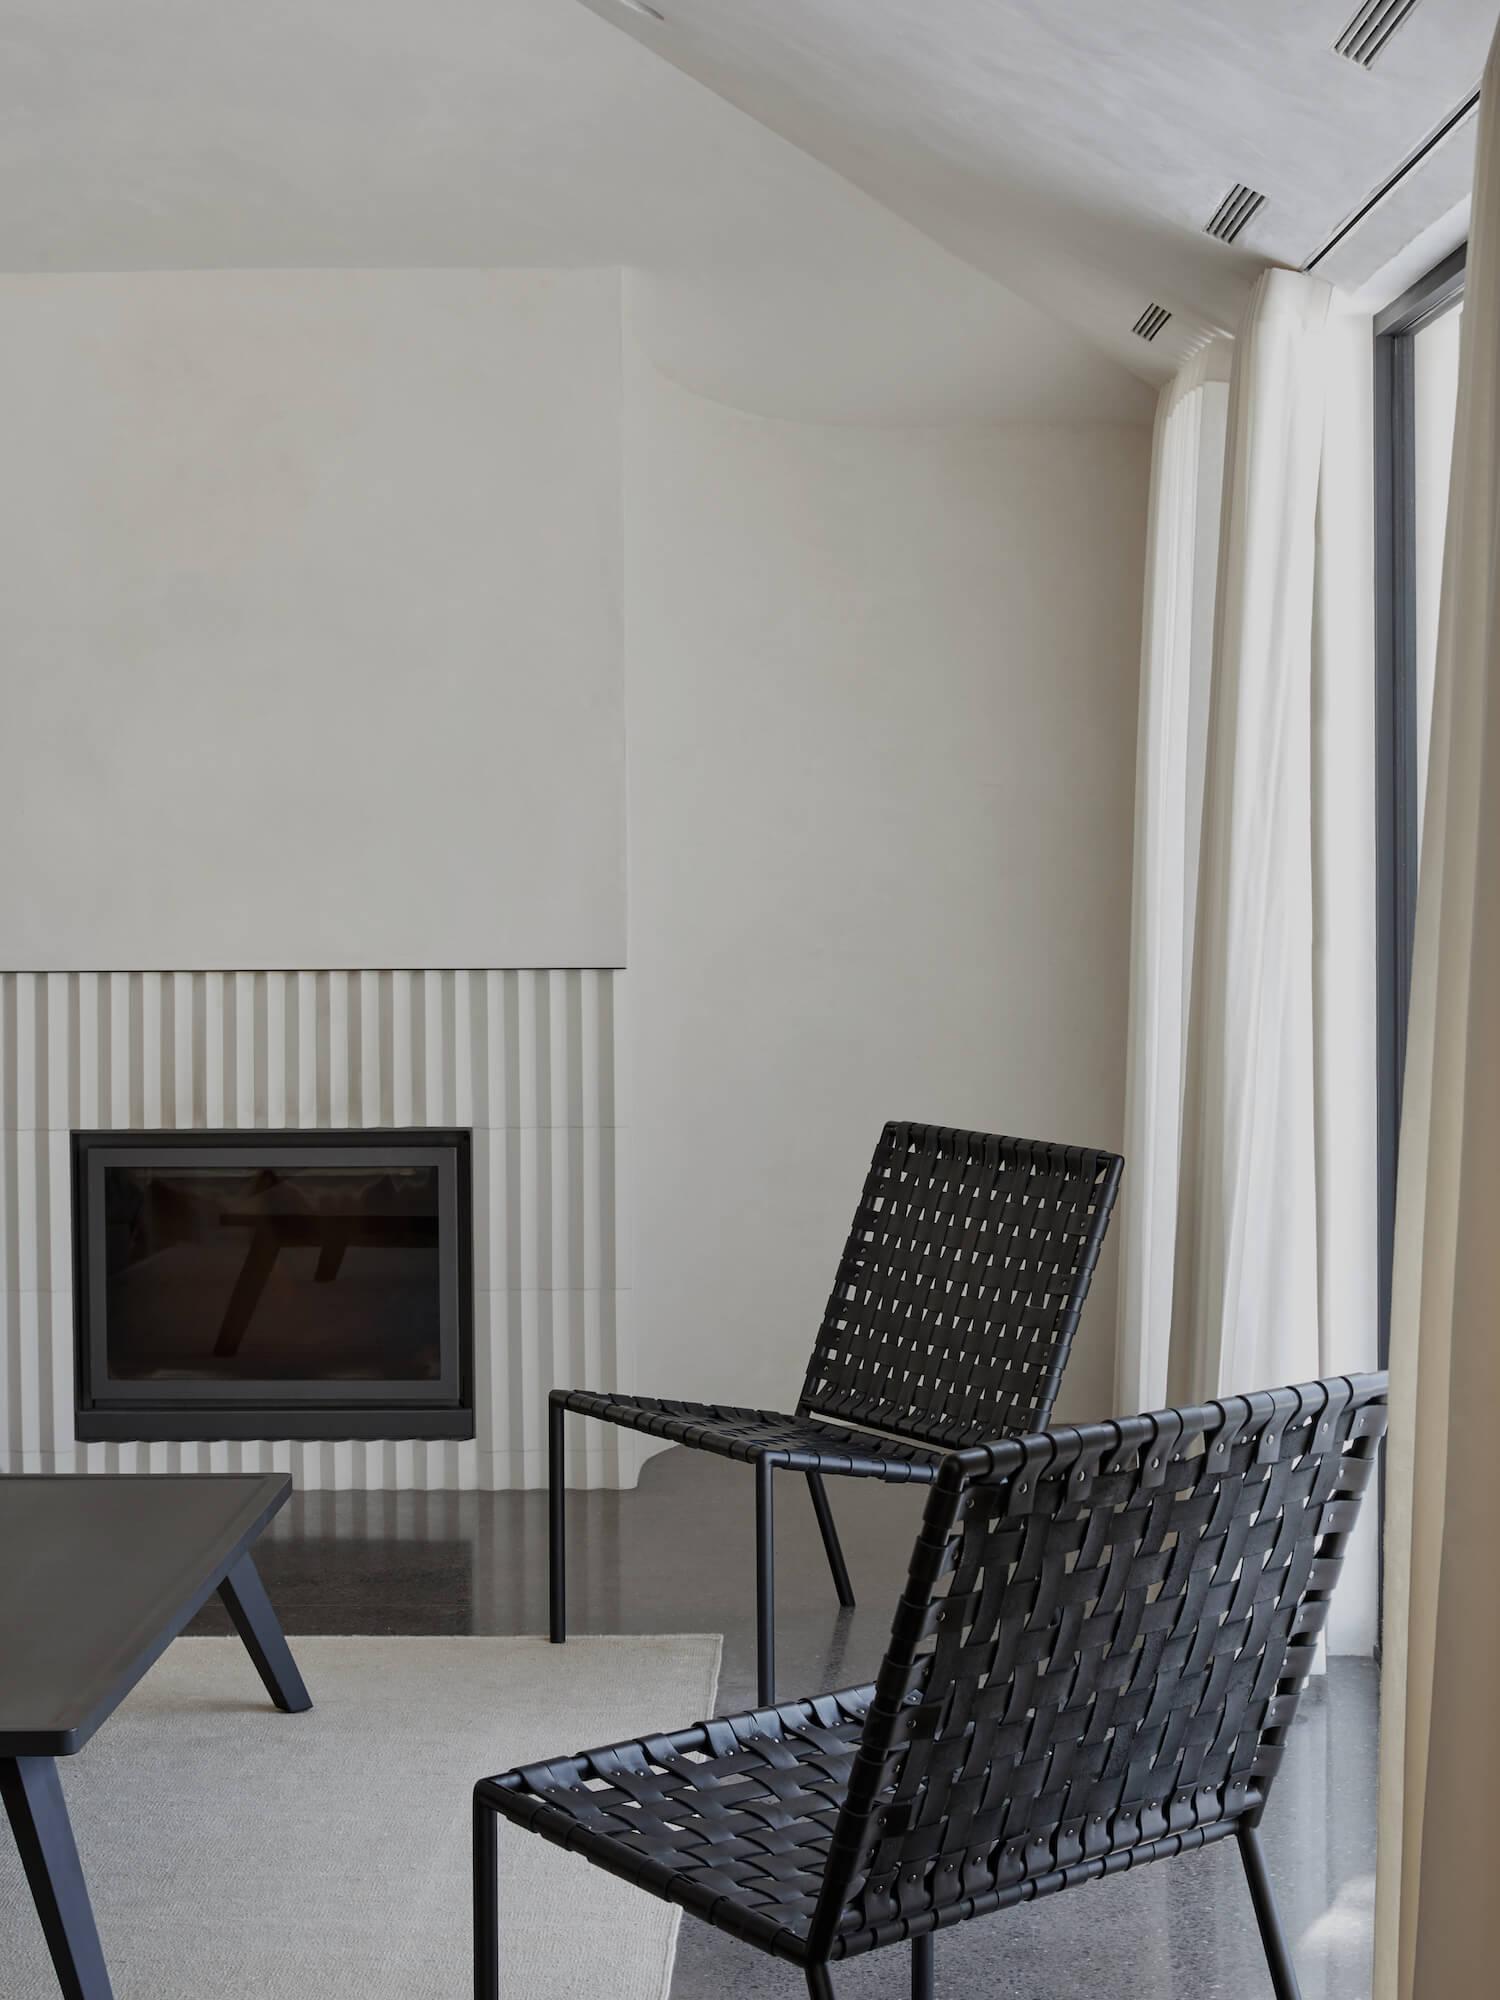 est living gathier residence atelier barda 11